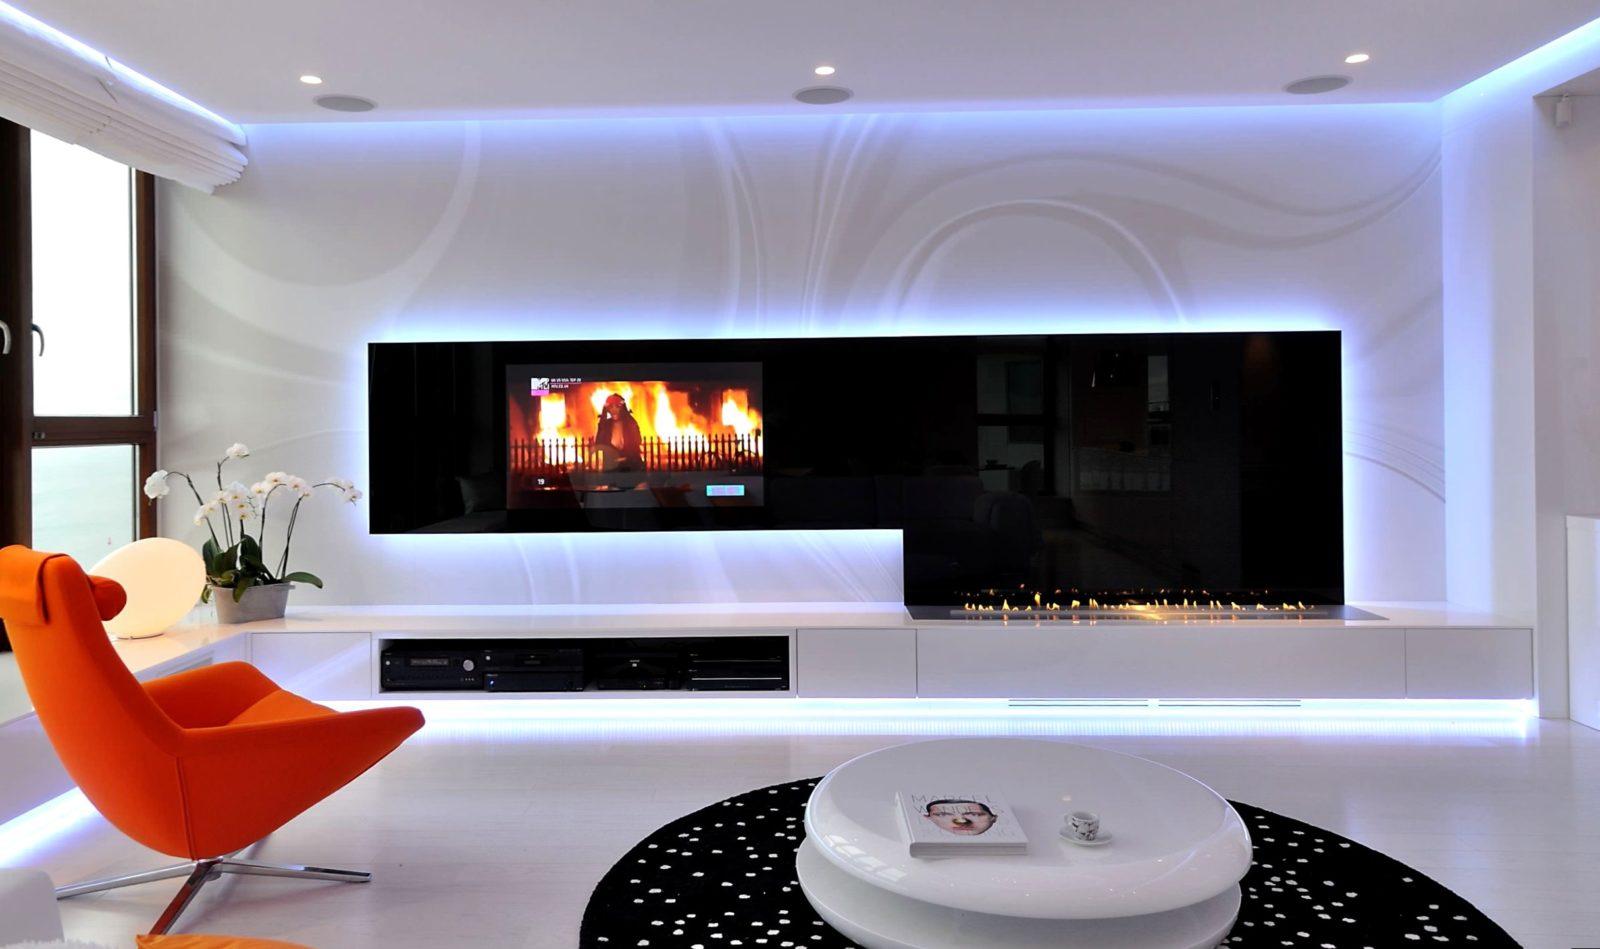 Варианты освещения в гостиной и советы по организации (+110 красивых фото)